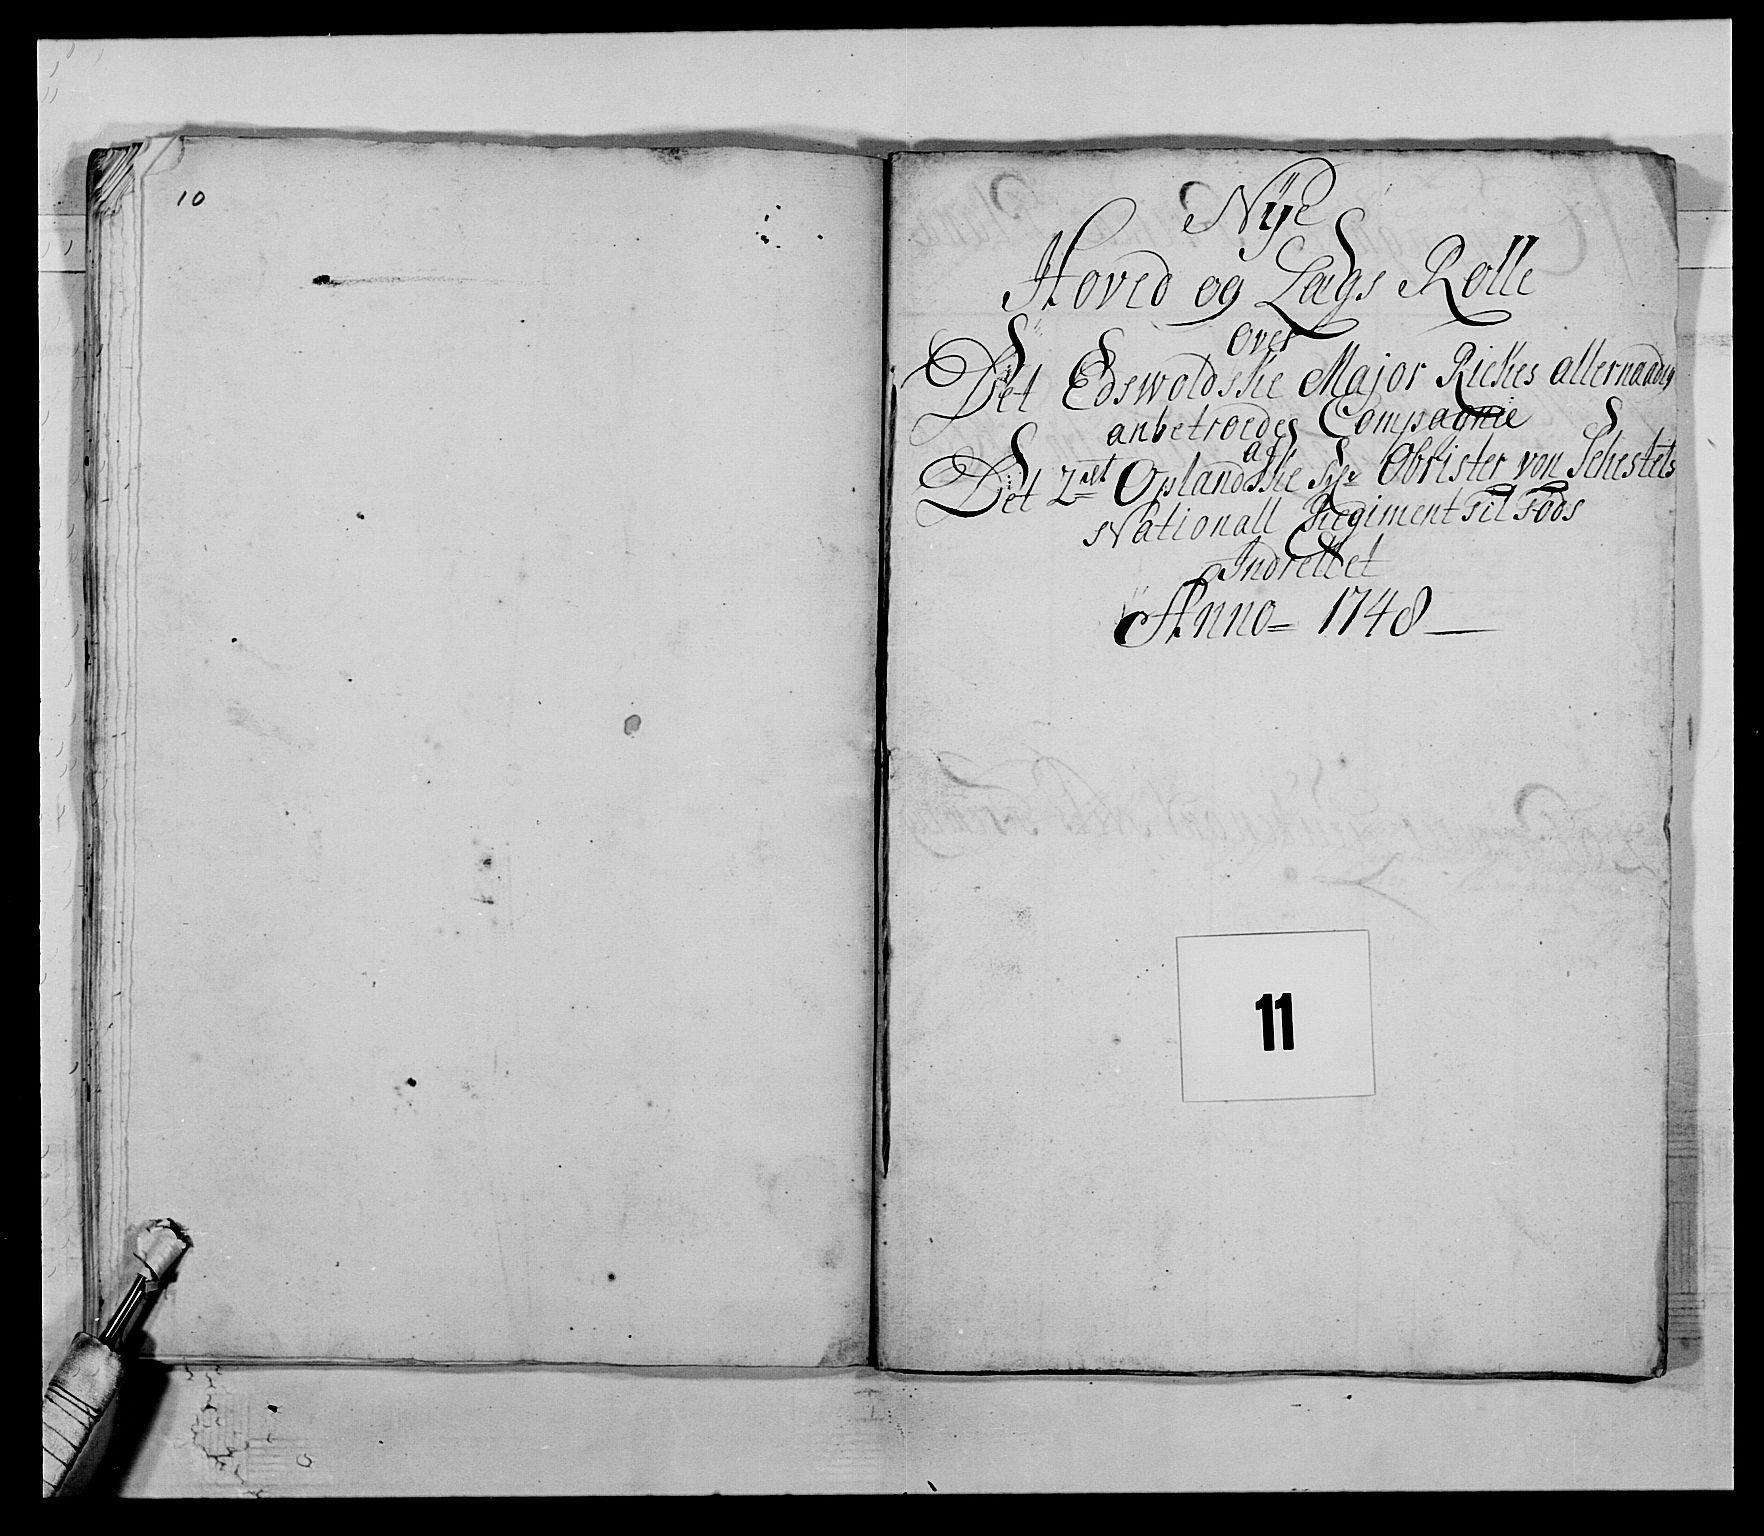 RA, Kommanderende general (KG I) med Det norske krigsdirektorium, E/Ea/L0505: 2. Opplandske regiment, 1748, s. 307